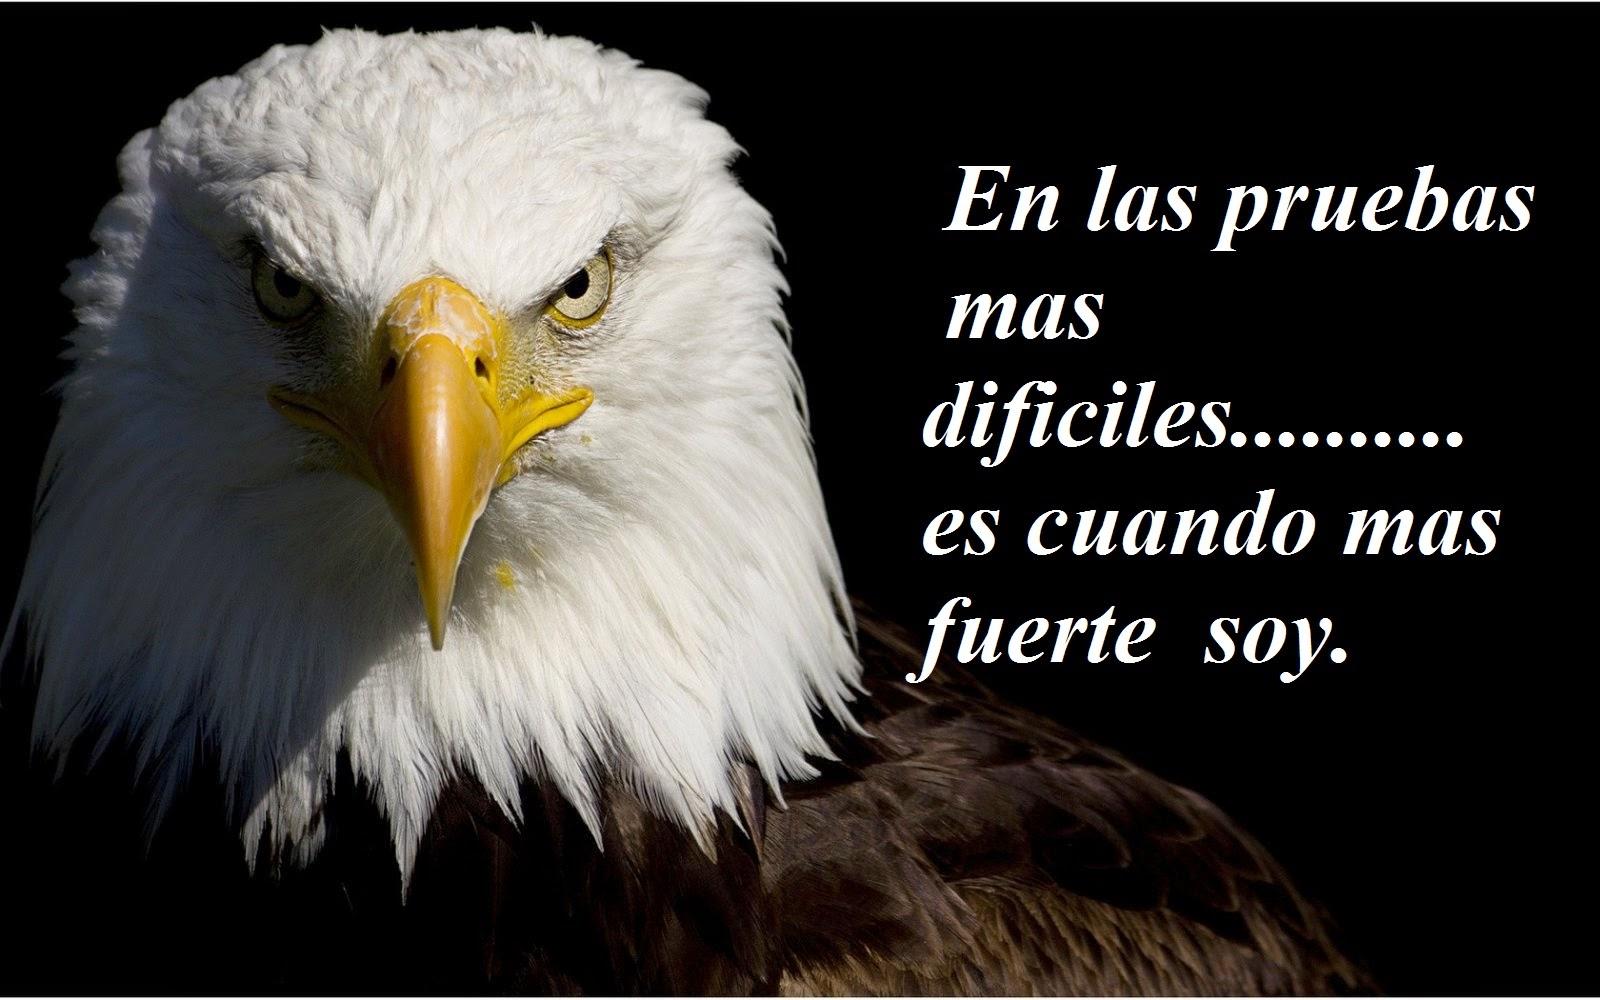 Imagenes Lindas Para Compartir Fb Aguilas Con Frases De